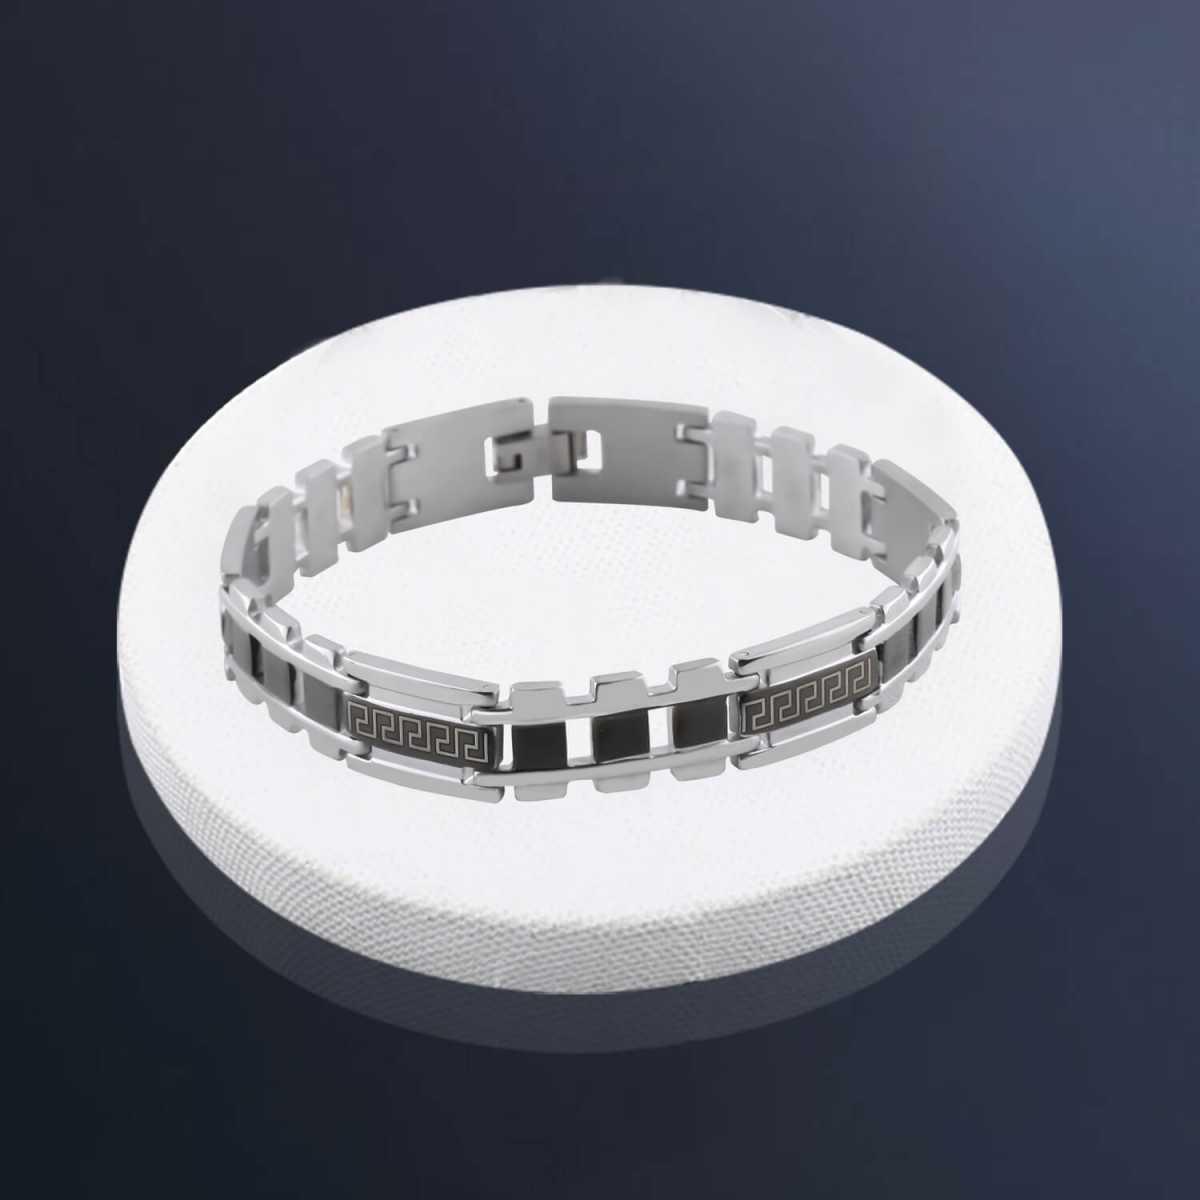 Candid Designer Bracelet for men Jewellery